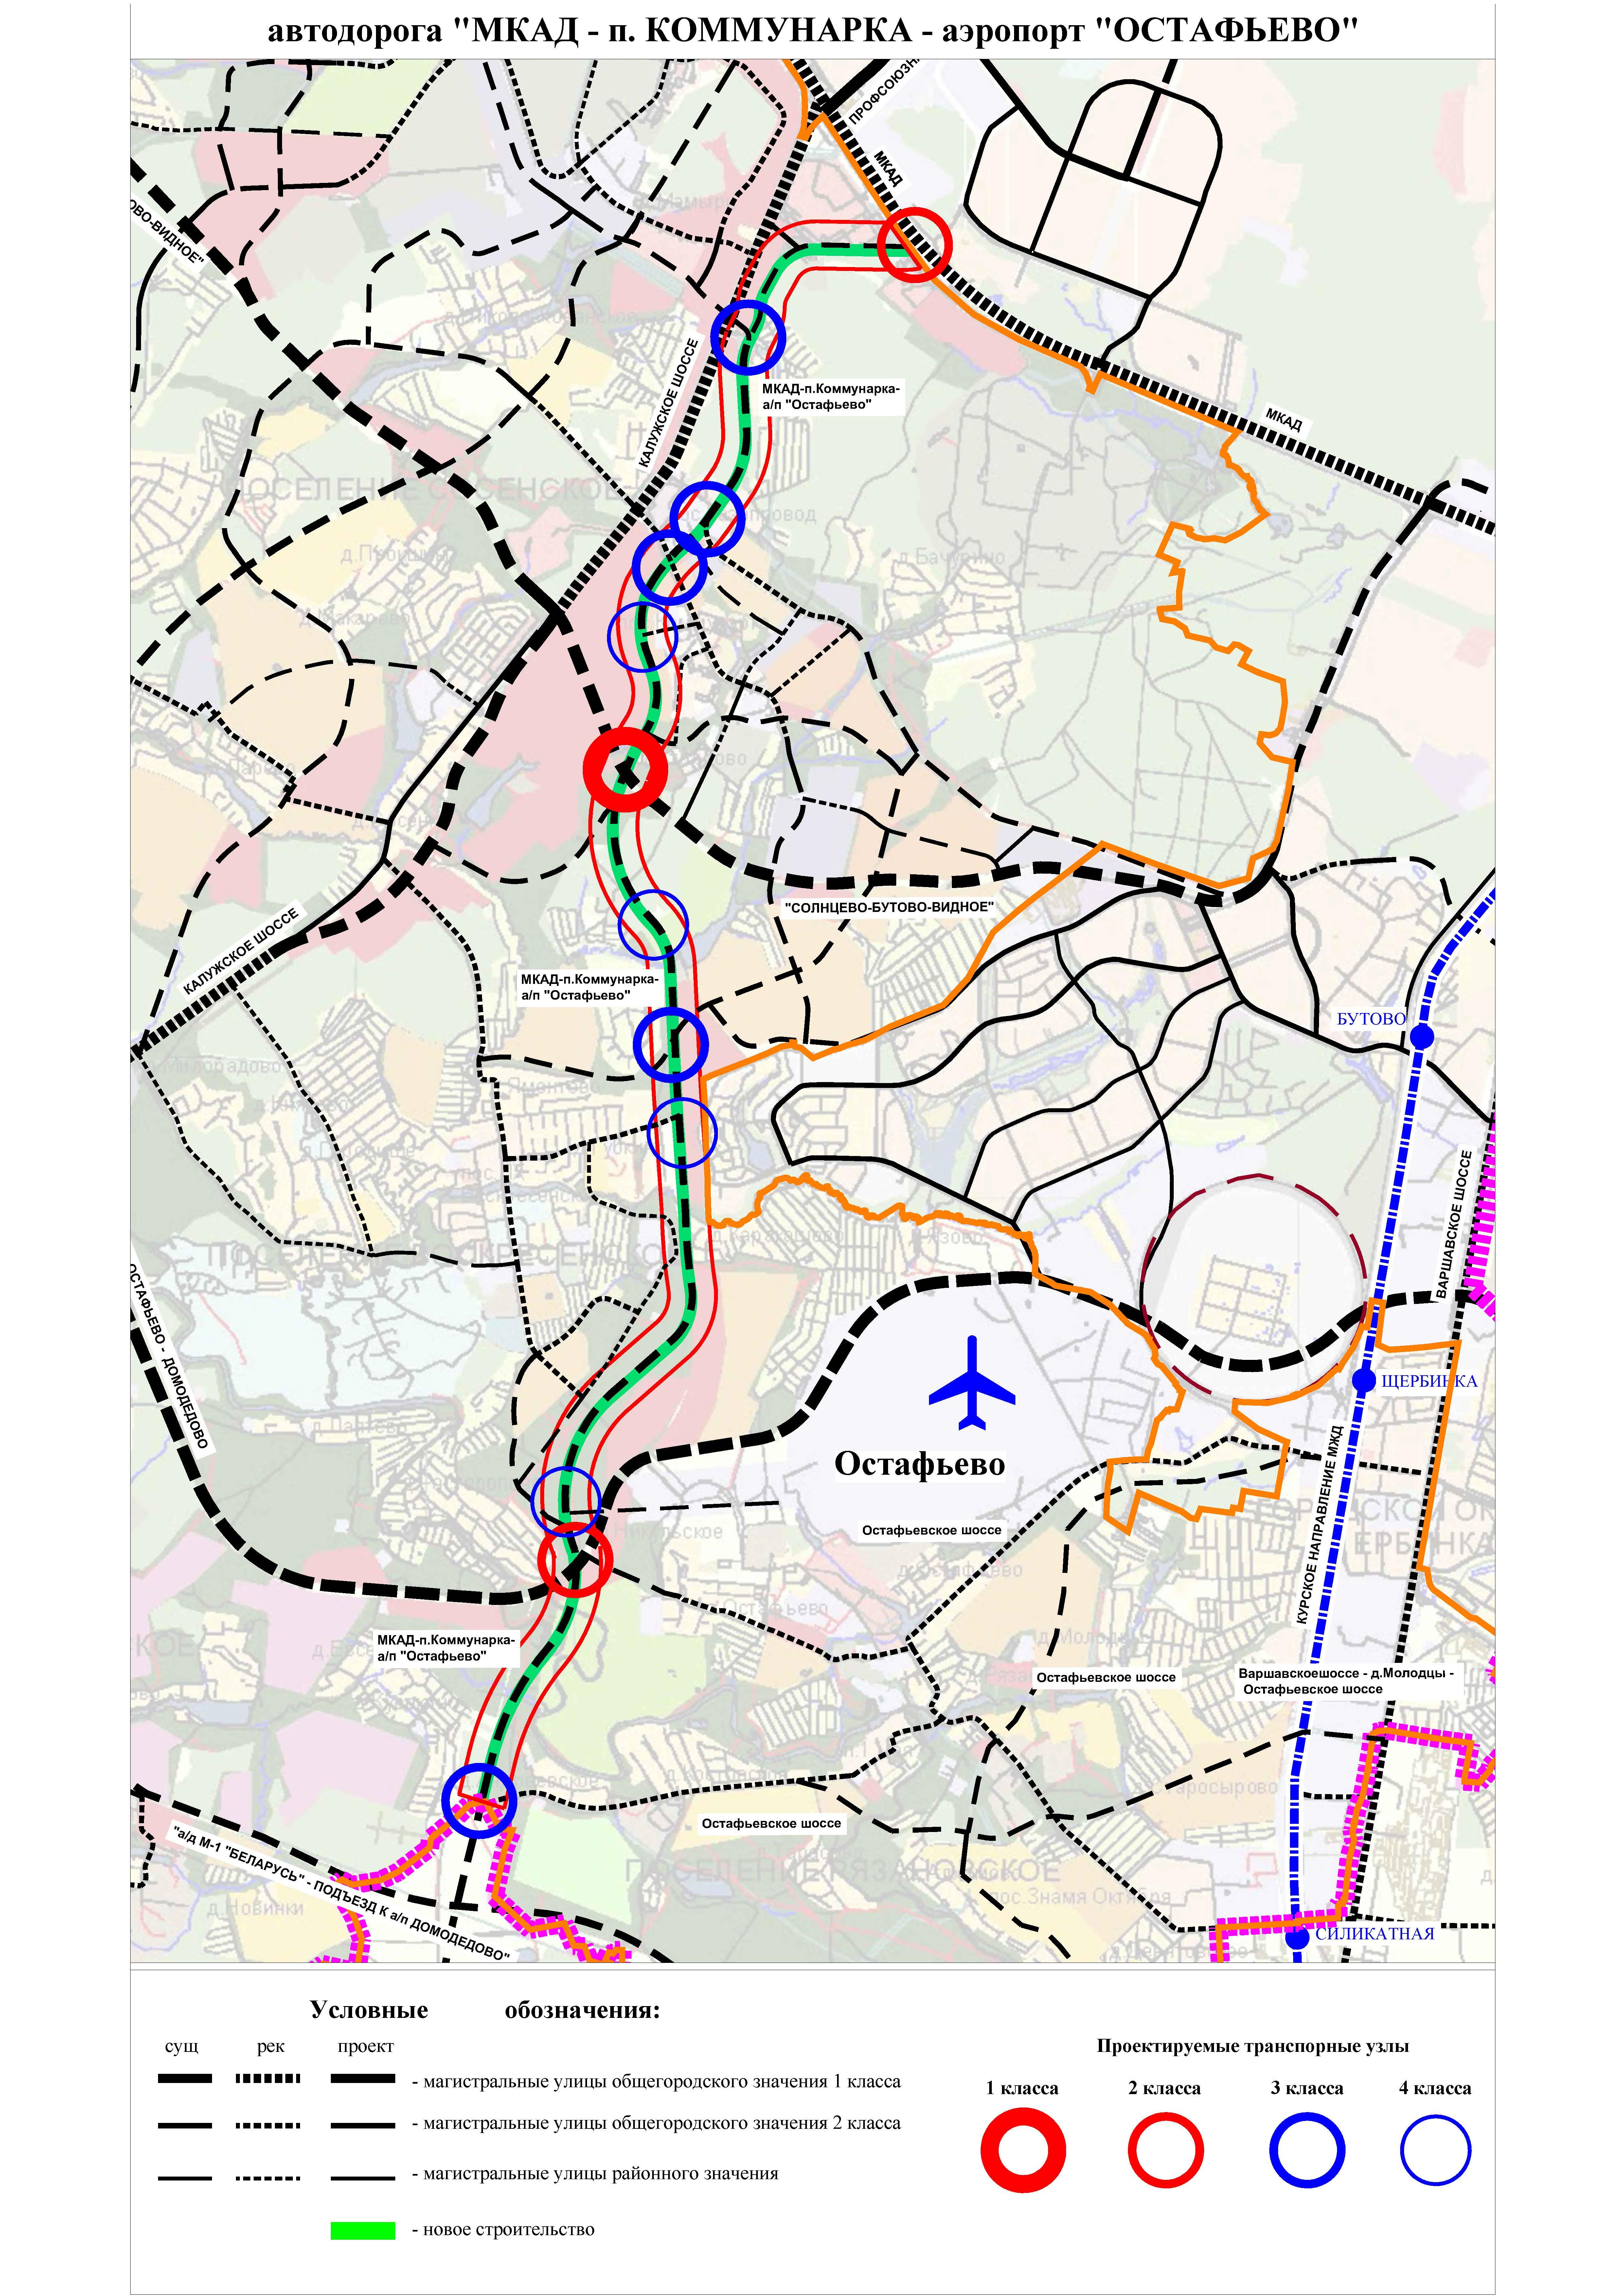 схема мкад с километровыми отметками